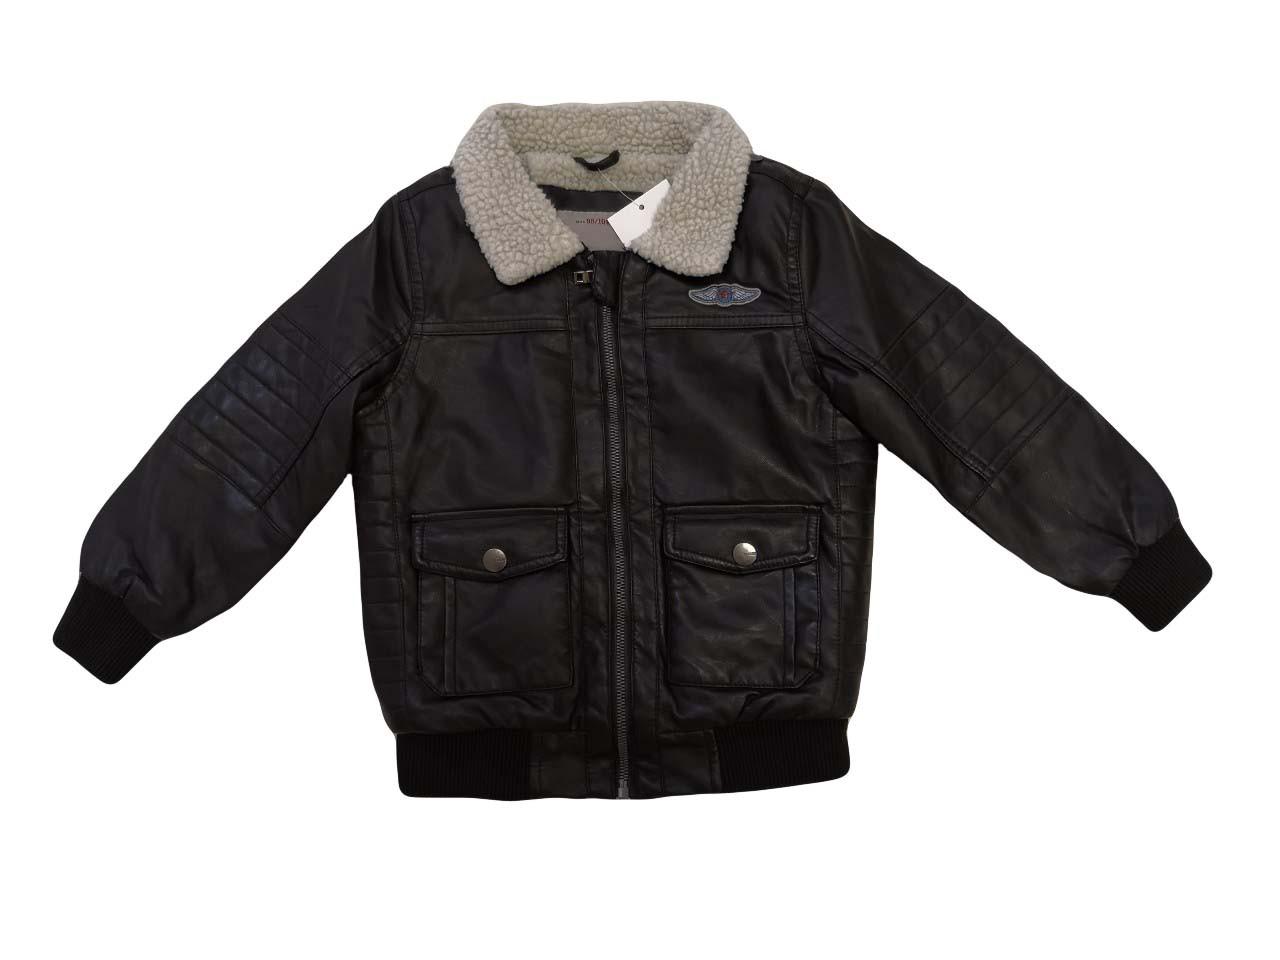 Куртки кожзам на меху для мальчиков оптом, размеры 92-122/128  Glo-story, арт. ВPY-4425